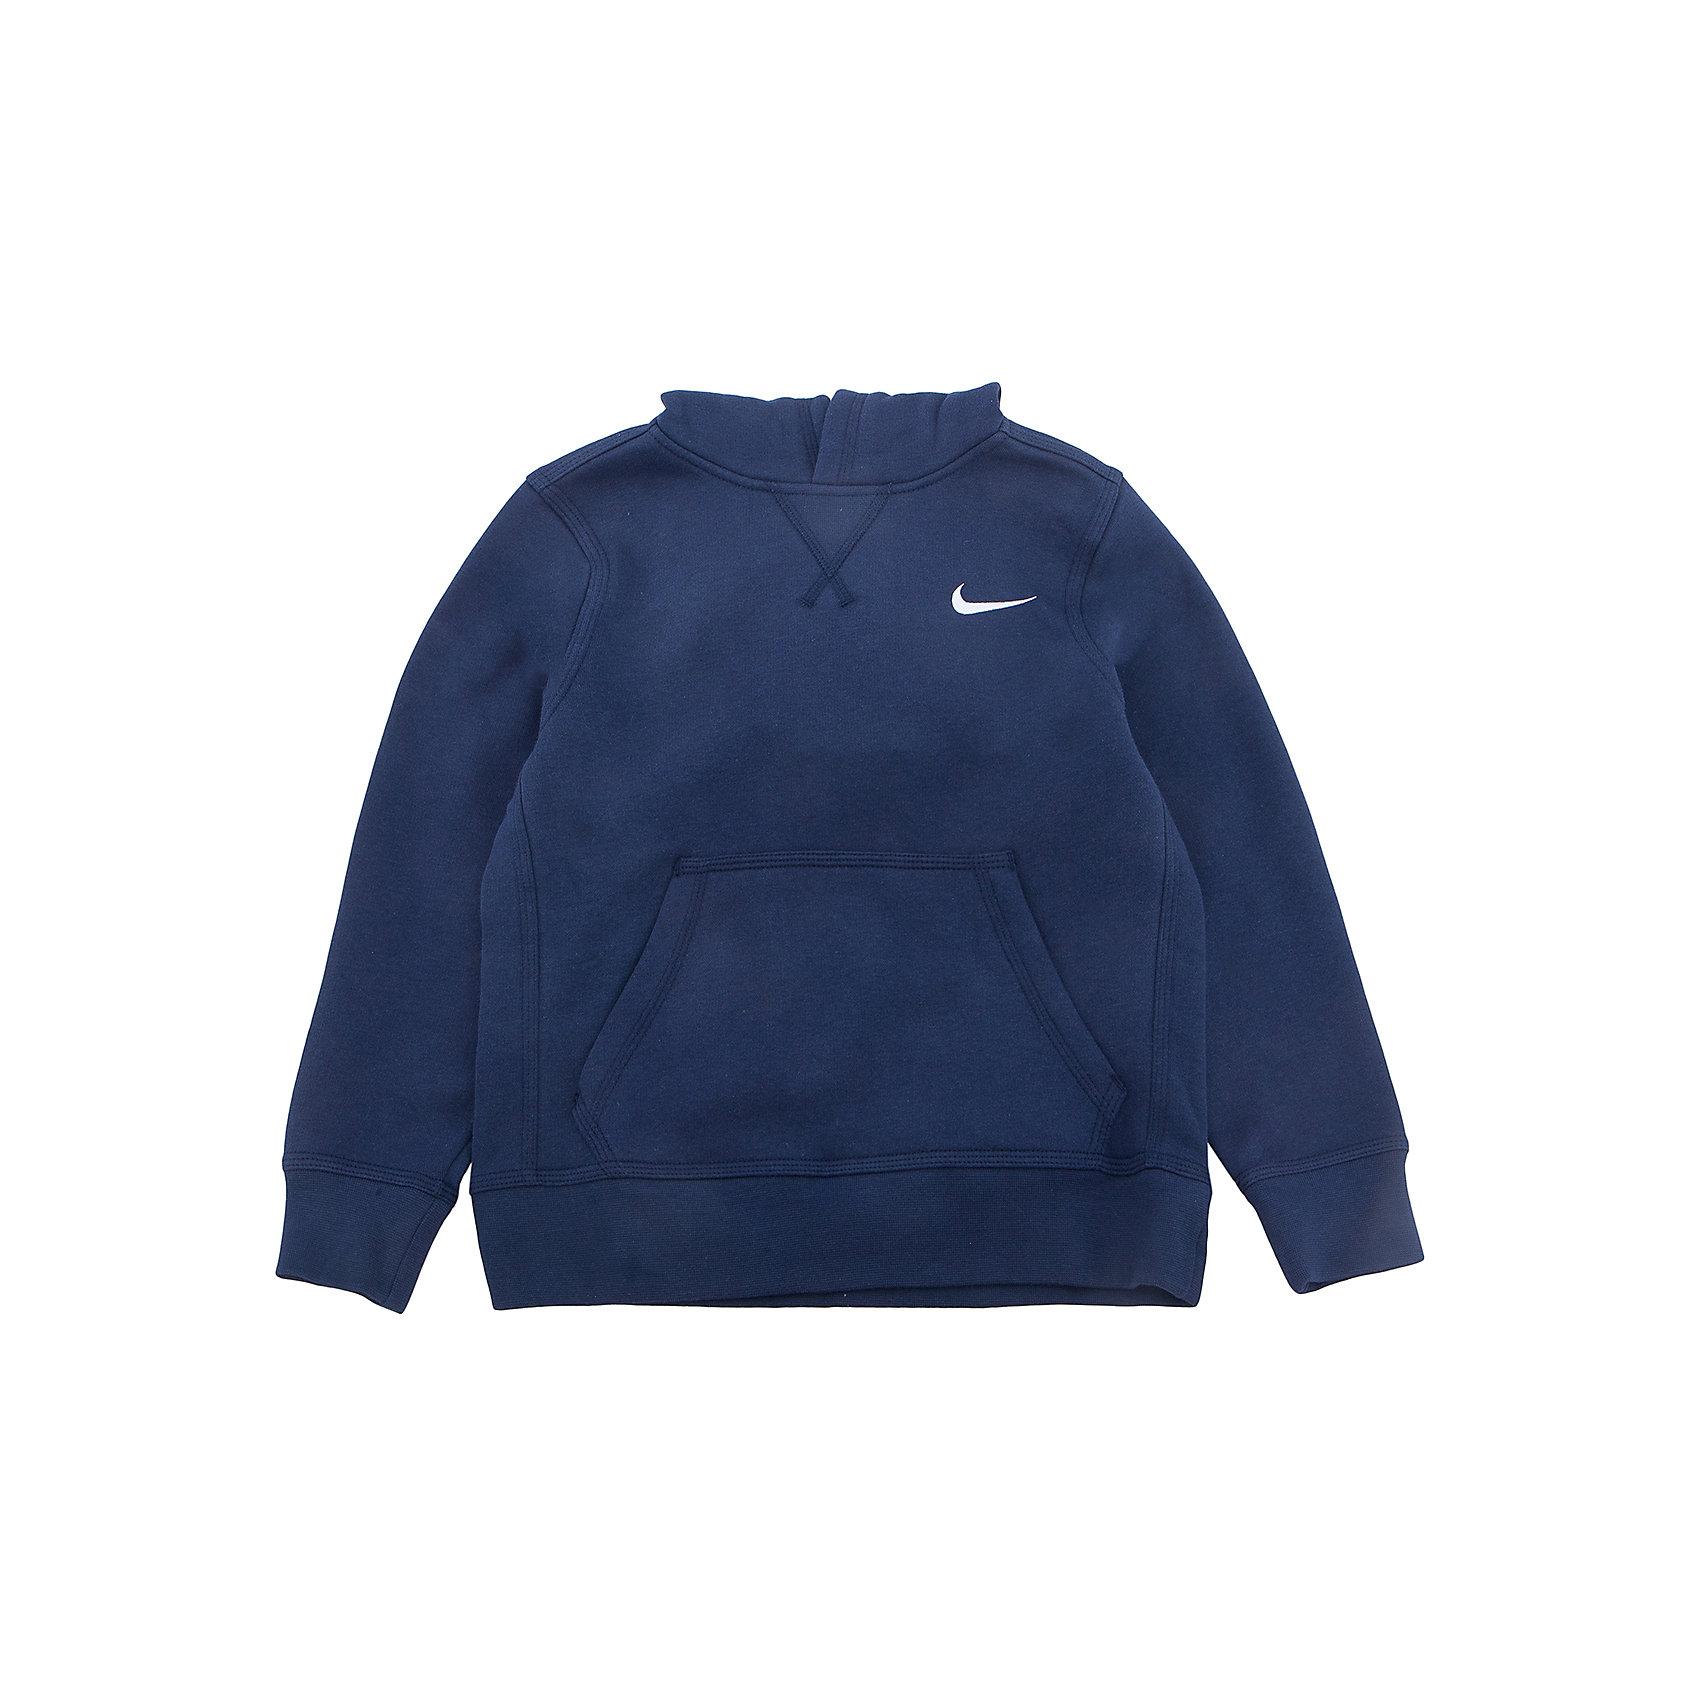 Толстовка NIKEТолстовки<br>Толстовка NIKE<br>Свитшот Nike YA76 Just Do It Brushed Fleece: удобный и стильный. Свитшот Nike YA76 Just Do It Brushed Fleece Pullover сделан из мягкой хлопковой ткани для комфорта и спереди по центру декорирована графикой цвета металлик для яркого образа. Преимущества. Капюшон с подкладкой для защиты от холода и непогоды. Ворсистая изнанка дарит тепло и комфорт. Карман-кенгуру для хранения мелочей и защиты рук от холода. Ребристые манжеты и низ обеспечивают плотную комфортную посадку. Принт создает яркий образ.<br>Состав:Основн: Хлопок 80%, Полиэстер, 20%, Подкл: Хлопок 100%<br><br>Ширина мм: 190<br>Глубина мм: 74<br>Высота мм: 229<br>Вес г: 236<br>Цвет: синий<br>Возраст от месяцев: 168<br>Возраст до месяцев: 180<br>Пол: Унисекс<br>Возраст: Детский<br>Размер: 158/170,122/128,128/134,135/140,146/158<br>SKU: 6681943